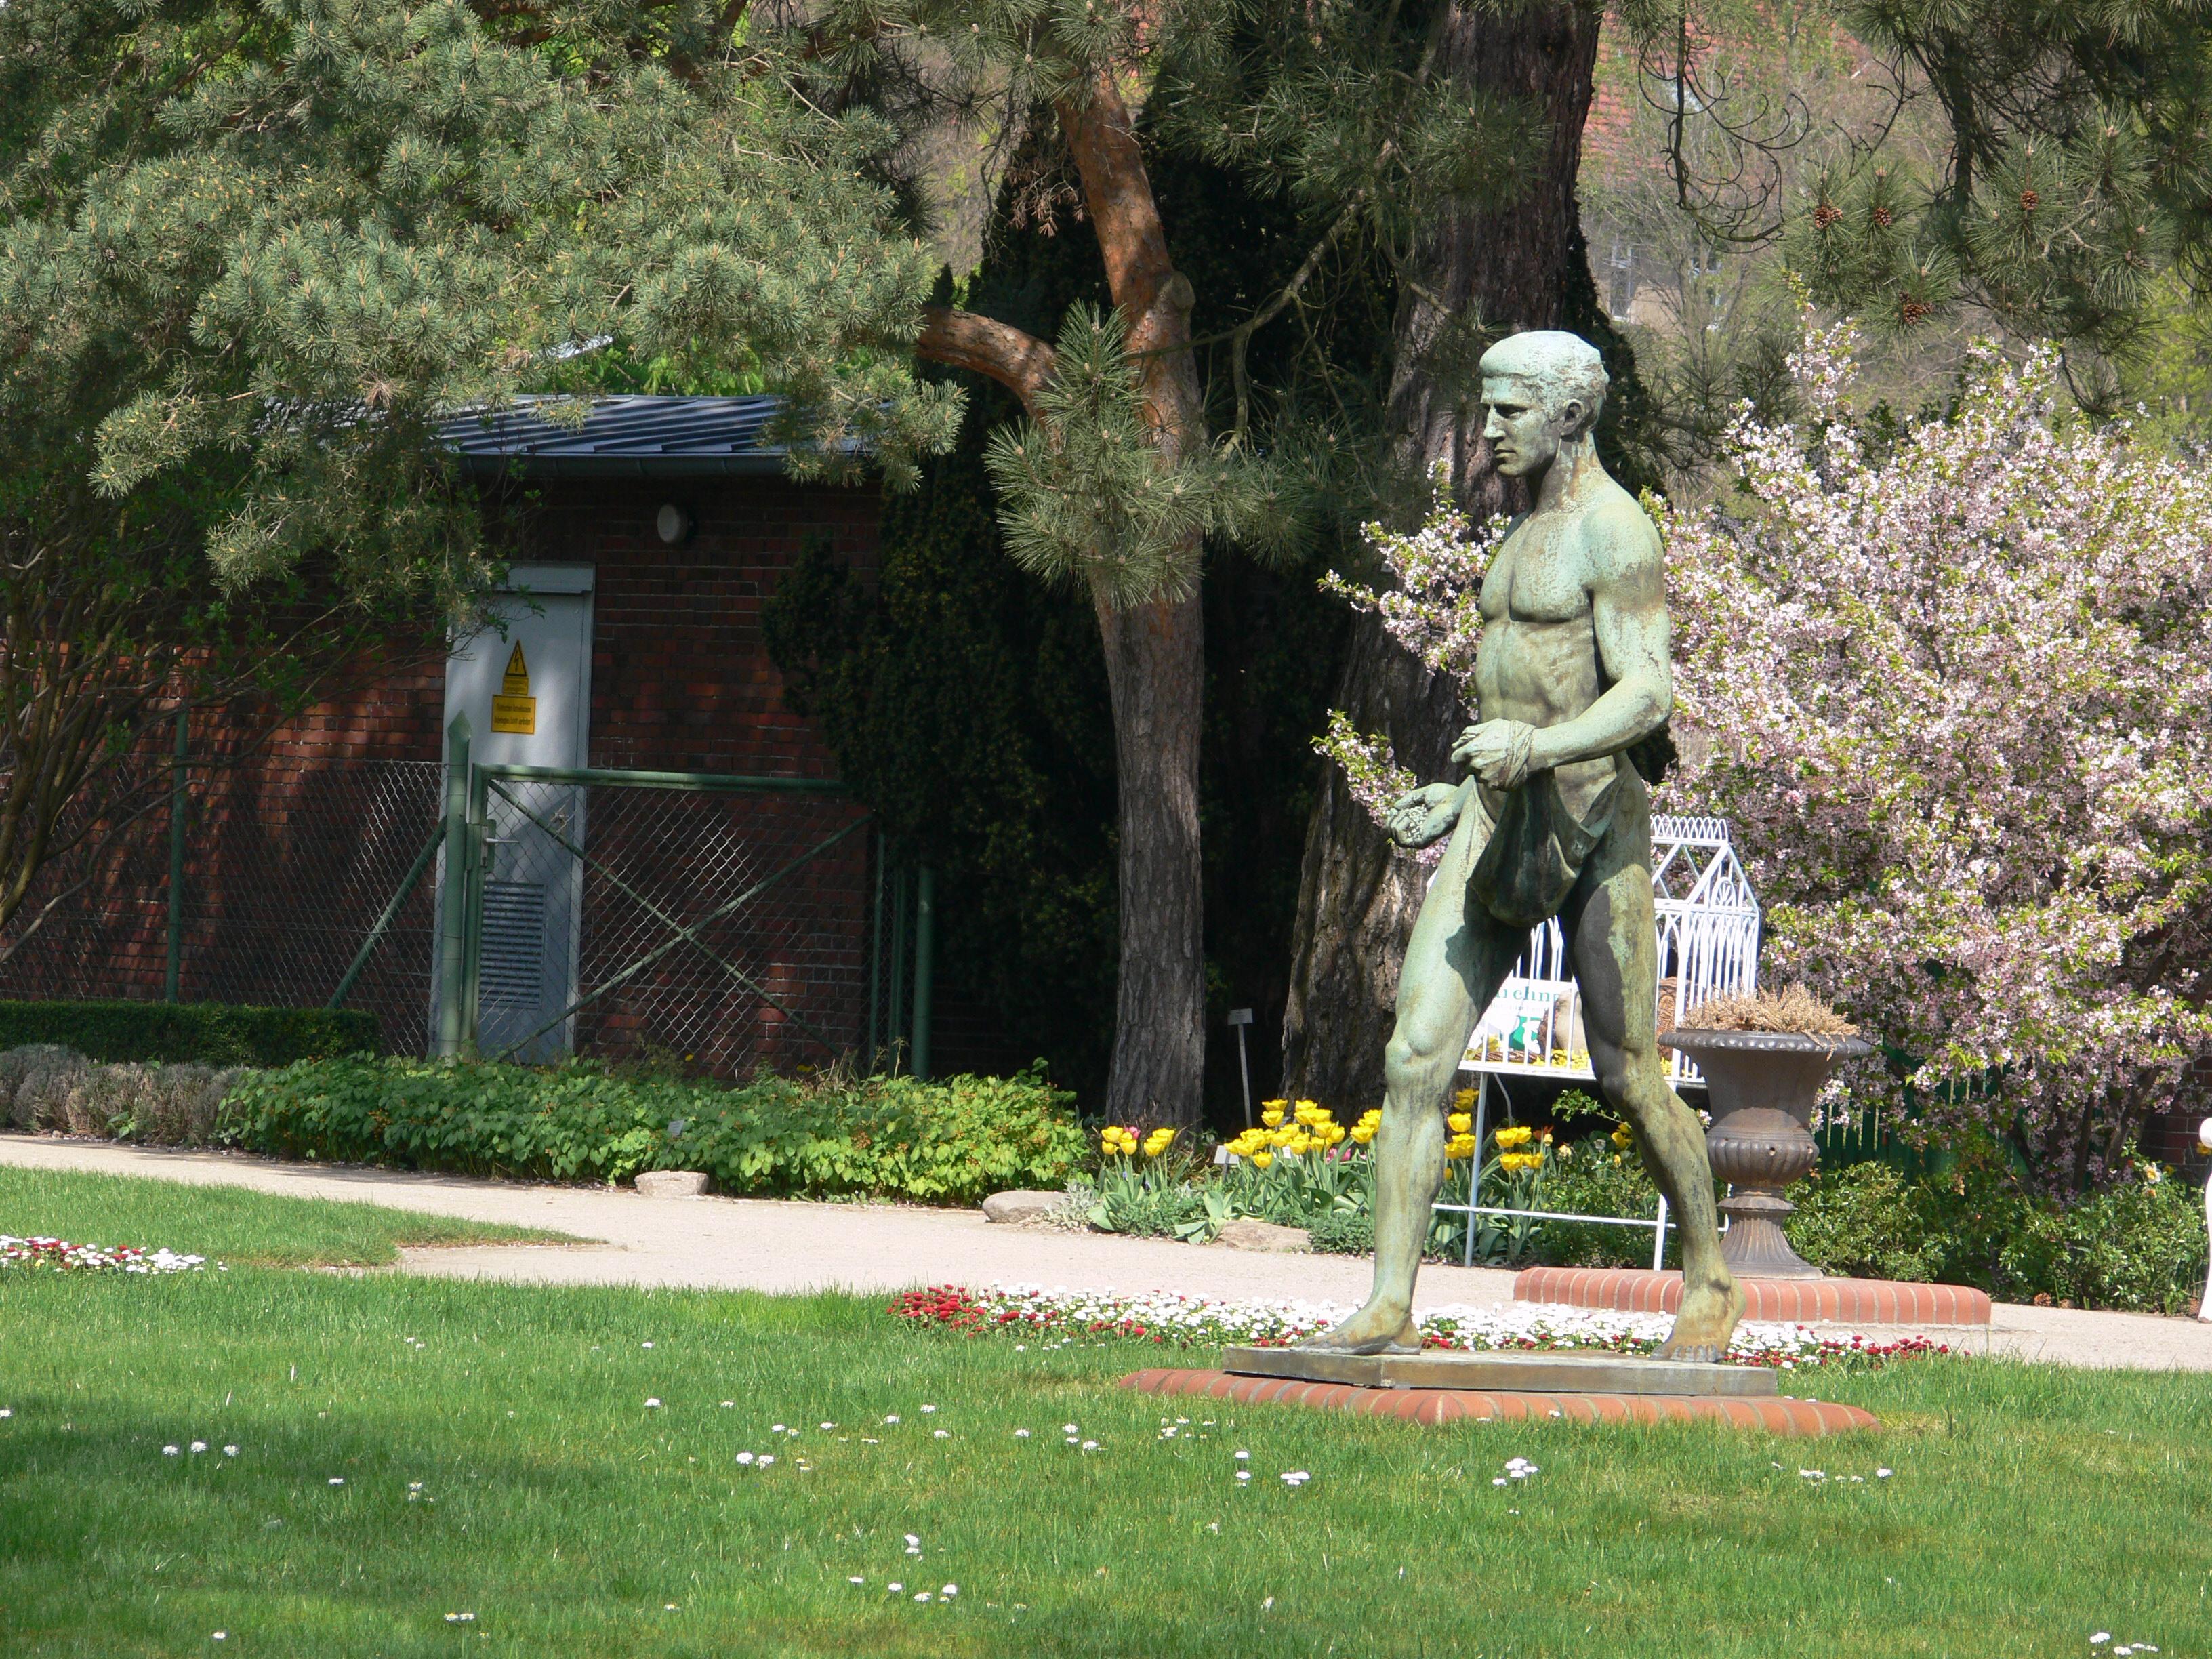 Fileberlin Botanischer Garten Skulpturjpg Wikimedia Commons